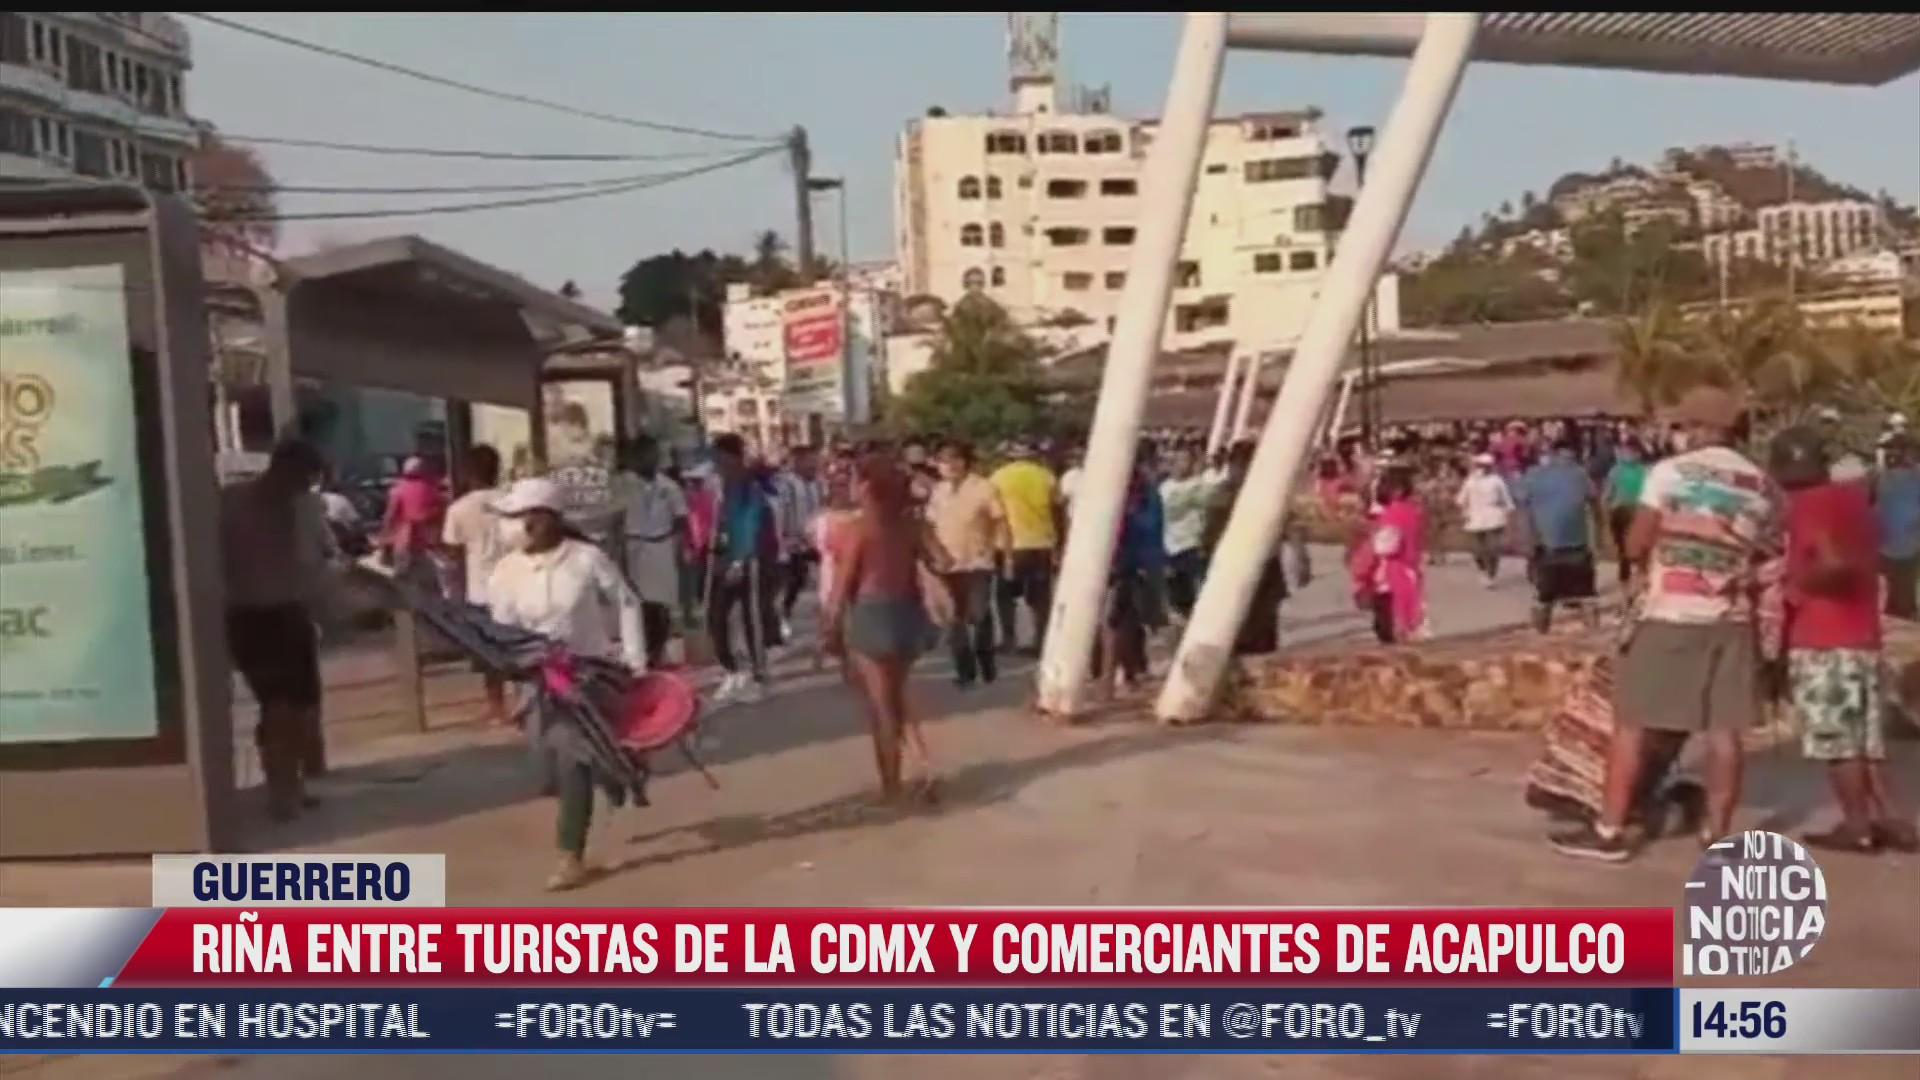 rina entre comerciantes de acapulco y turistas